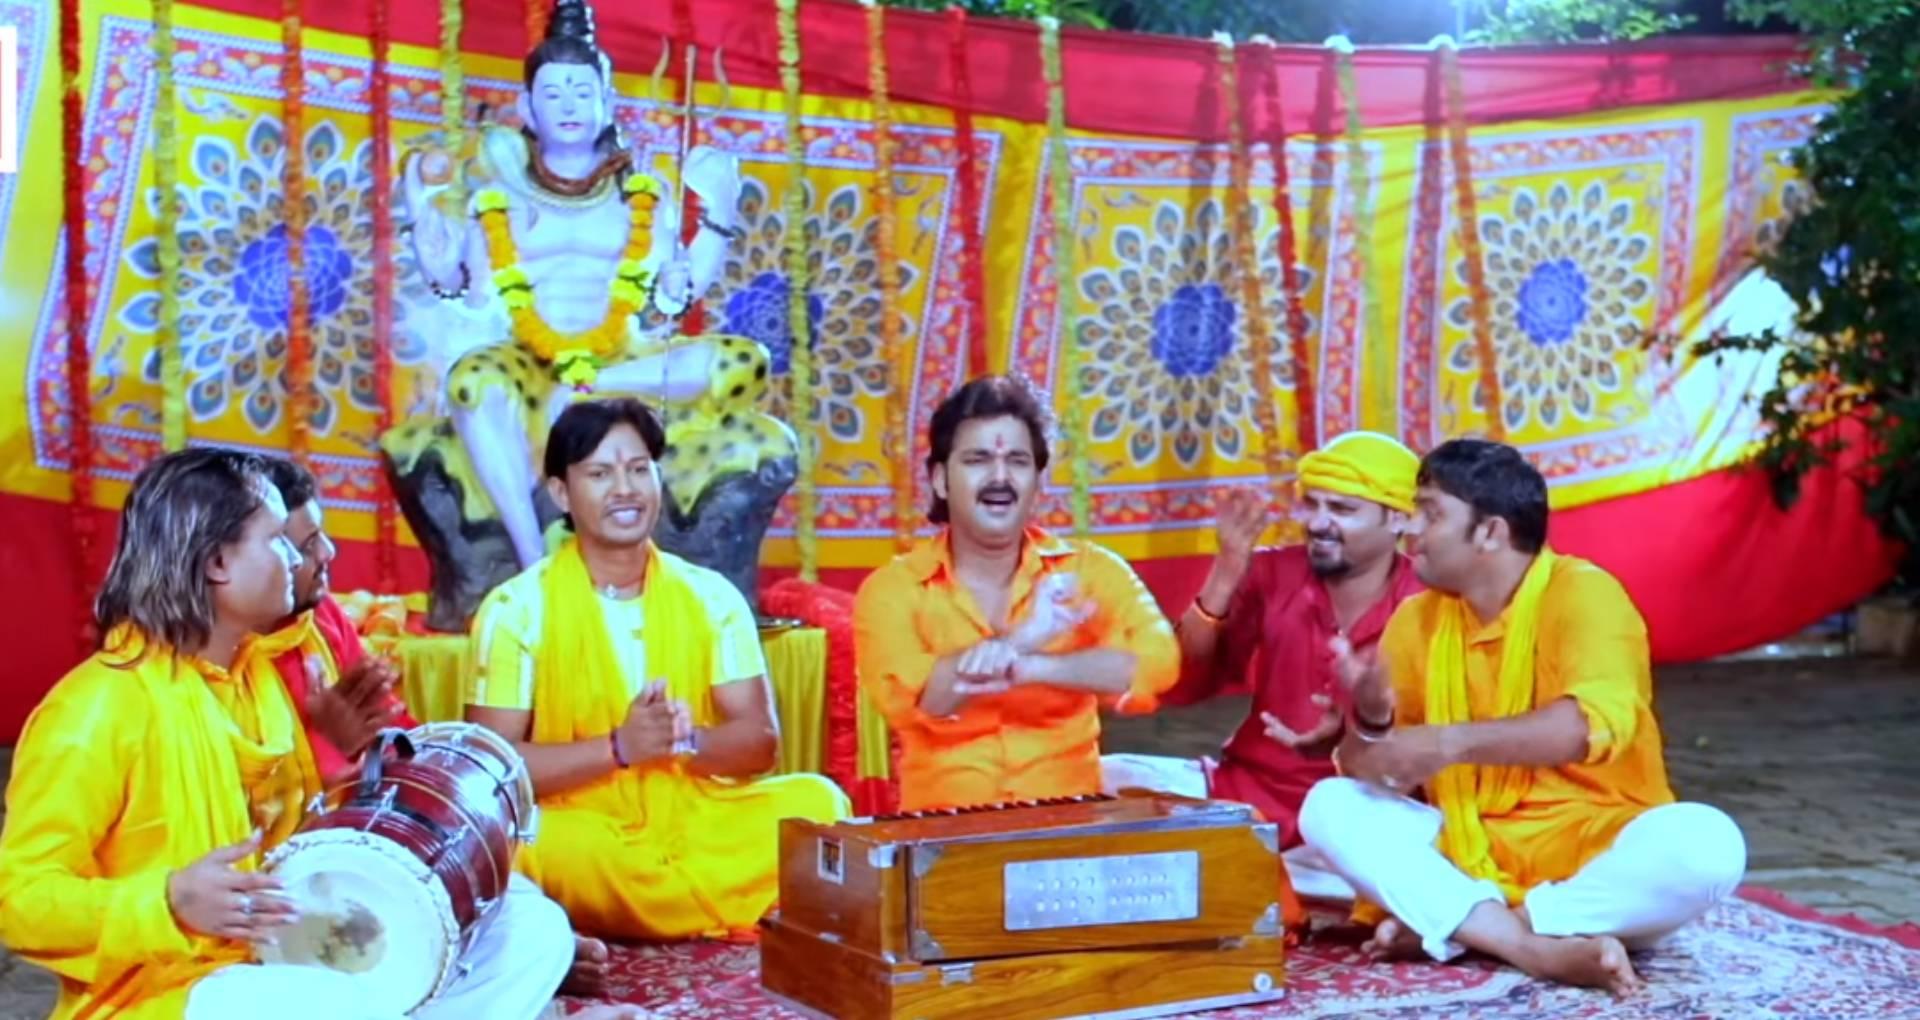 Hariyar Hariyar Chudiya A Jija Song: पवन सिंह के इस बोल बम सॉन्ग ने सावन में मचाया धमाल, मिले इतने करोड़ व्यूज